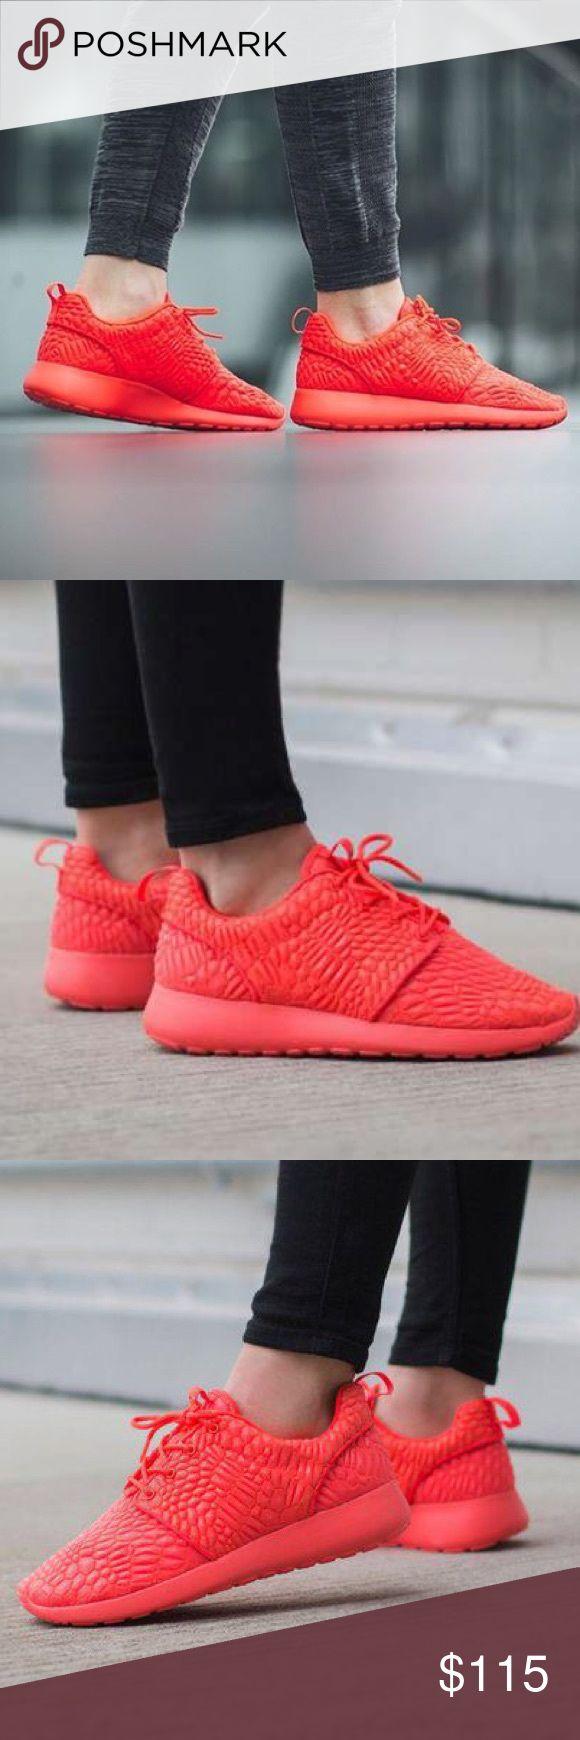 Nike roshe one dmb red womens -  Nike Roshe One Dmb Nwt